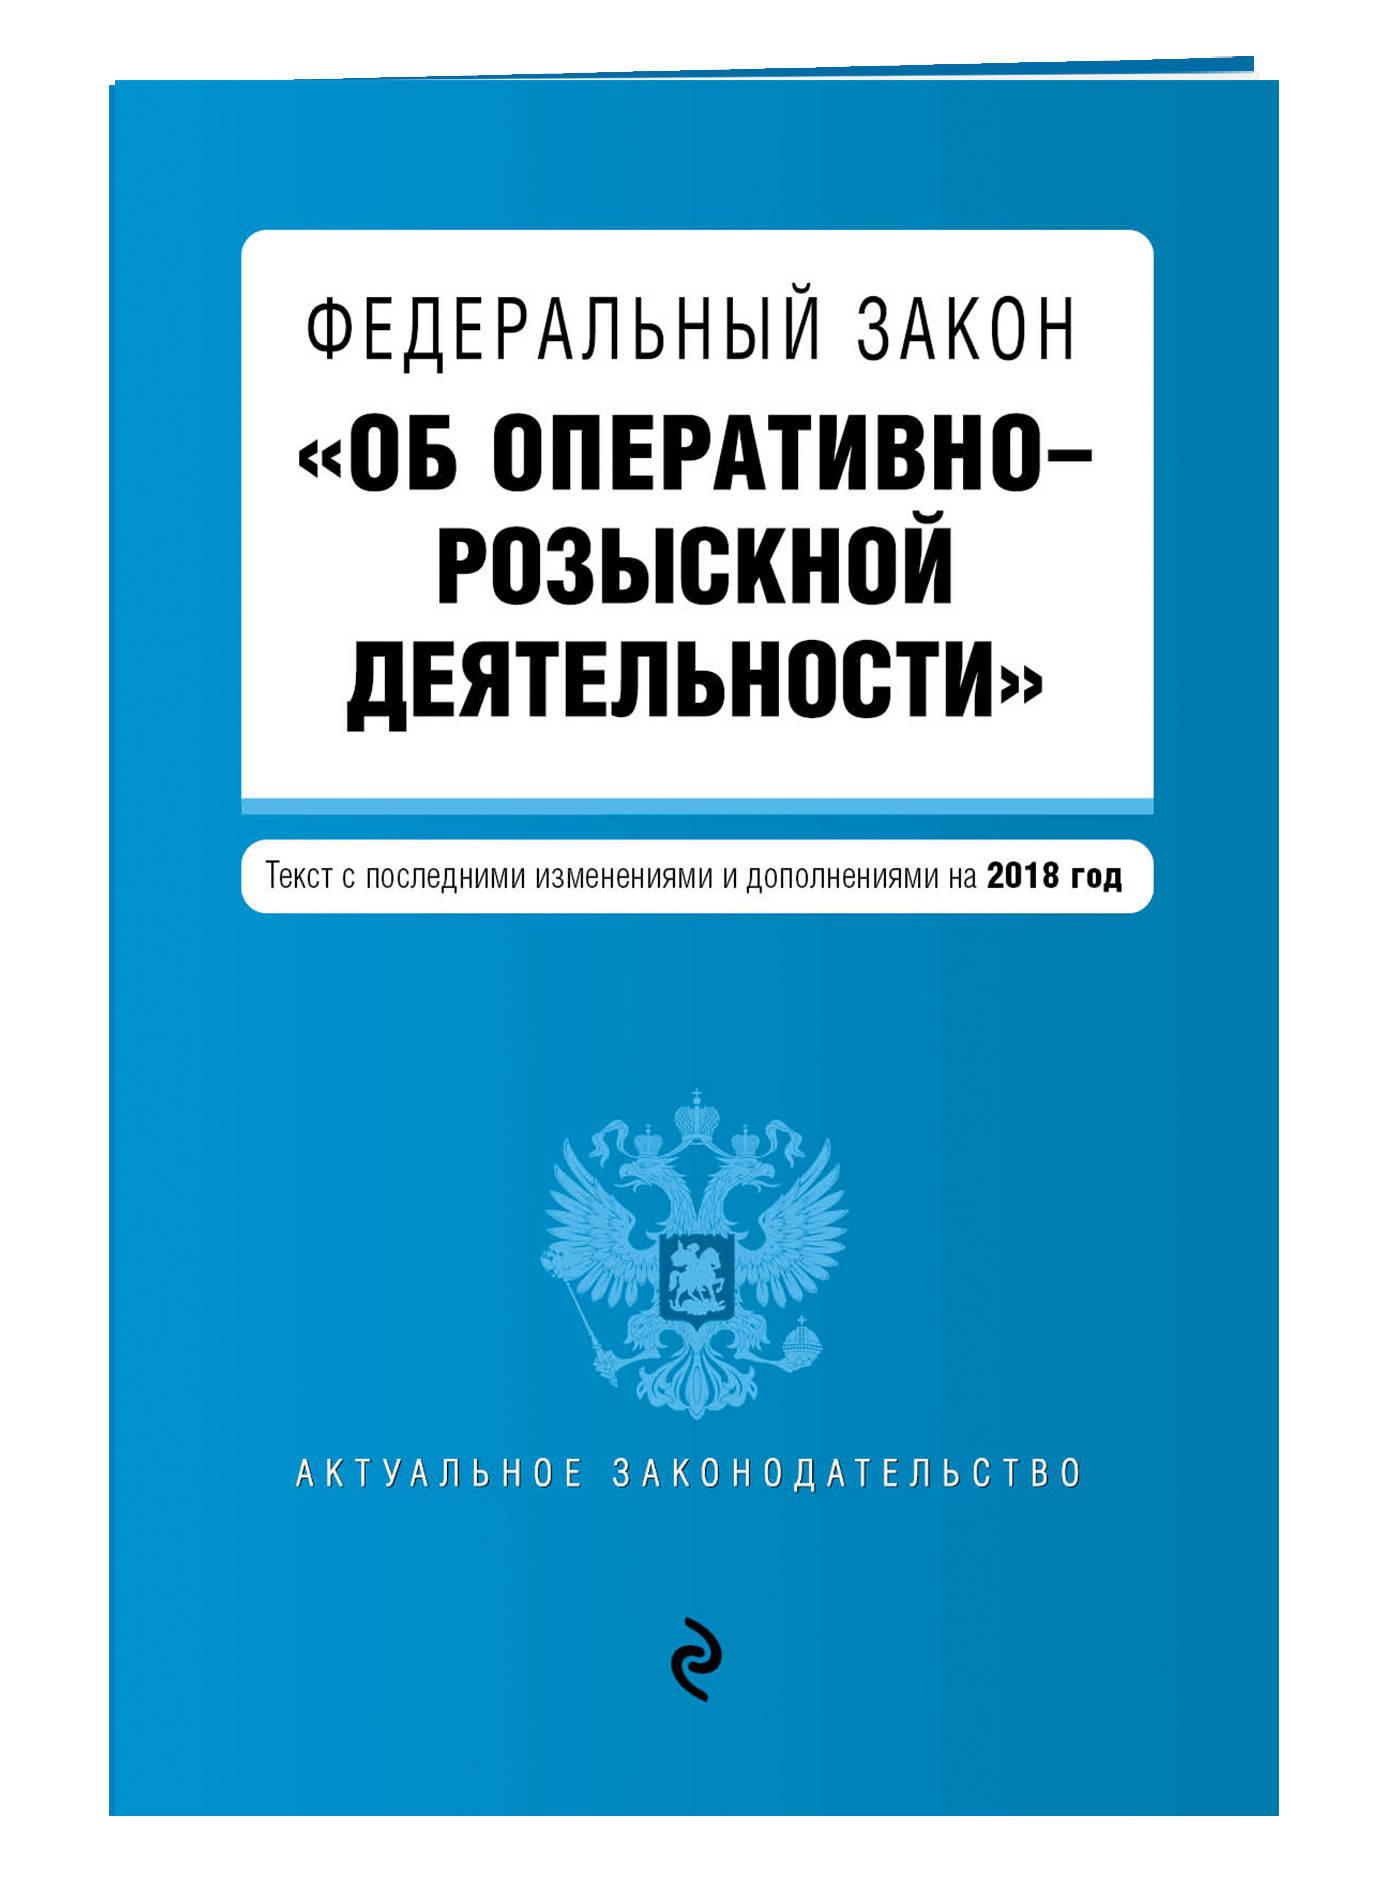 """Федеральный закон """"Об оперативно-розыскной деятельности"""". Текст с посл. изм. и доп. на 2018 г."""